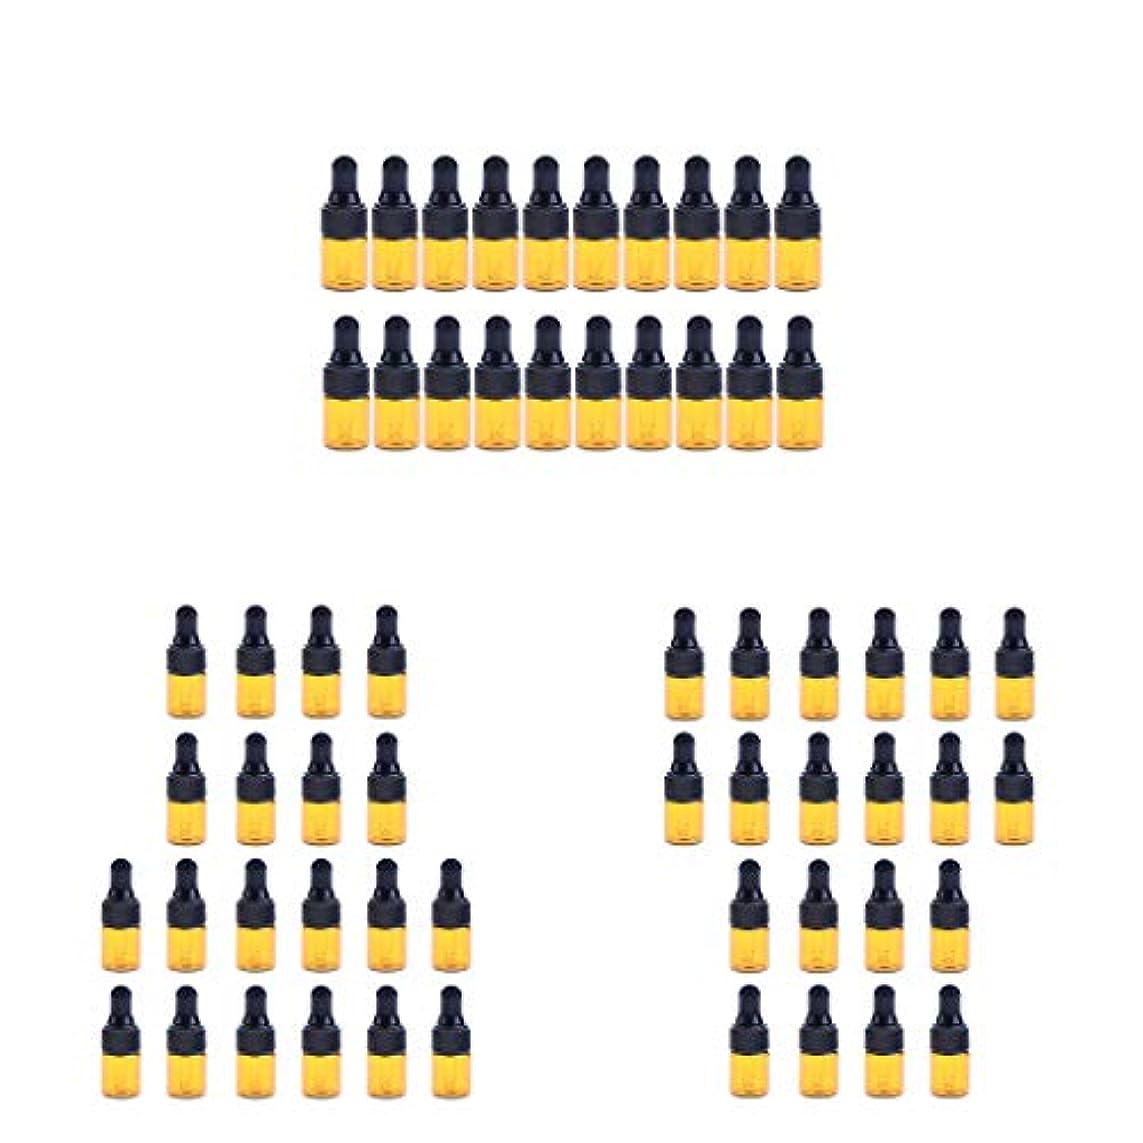 ロッジ専門用語振り向くdailymall エッセンシャルオイル ボトル ガラス ドロッパーボトル 3 Ml 約60ピースセット